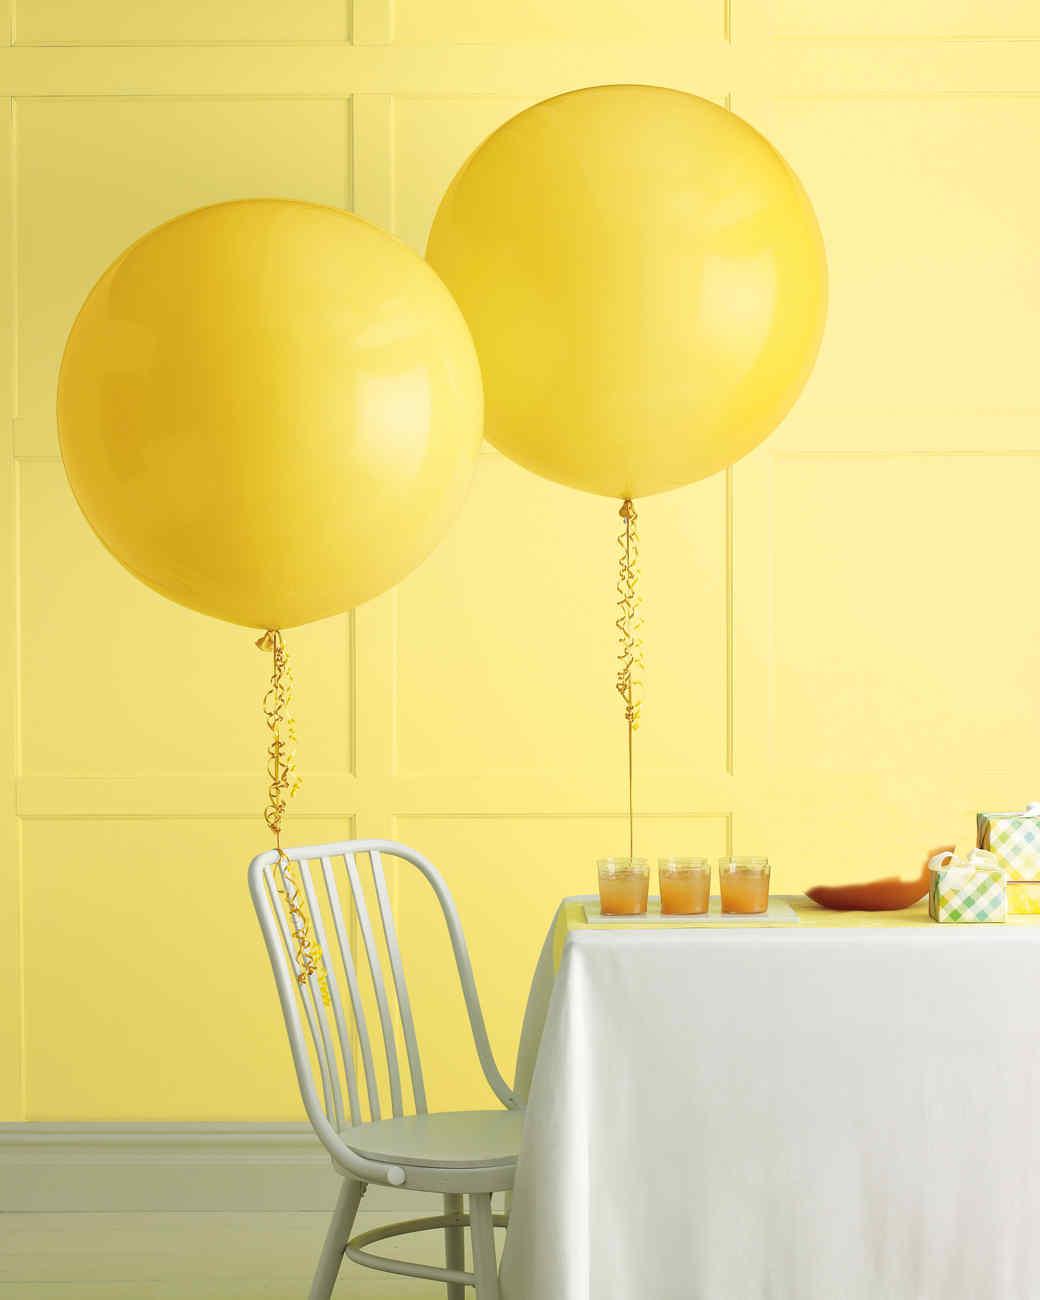 jcp-cel-lemon-019.jpg